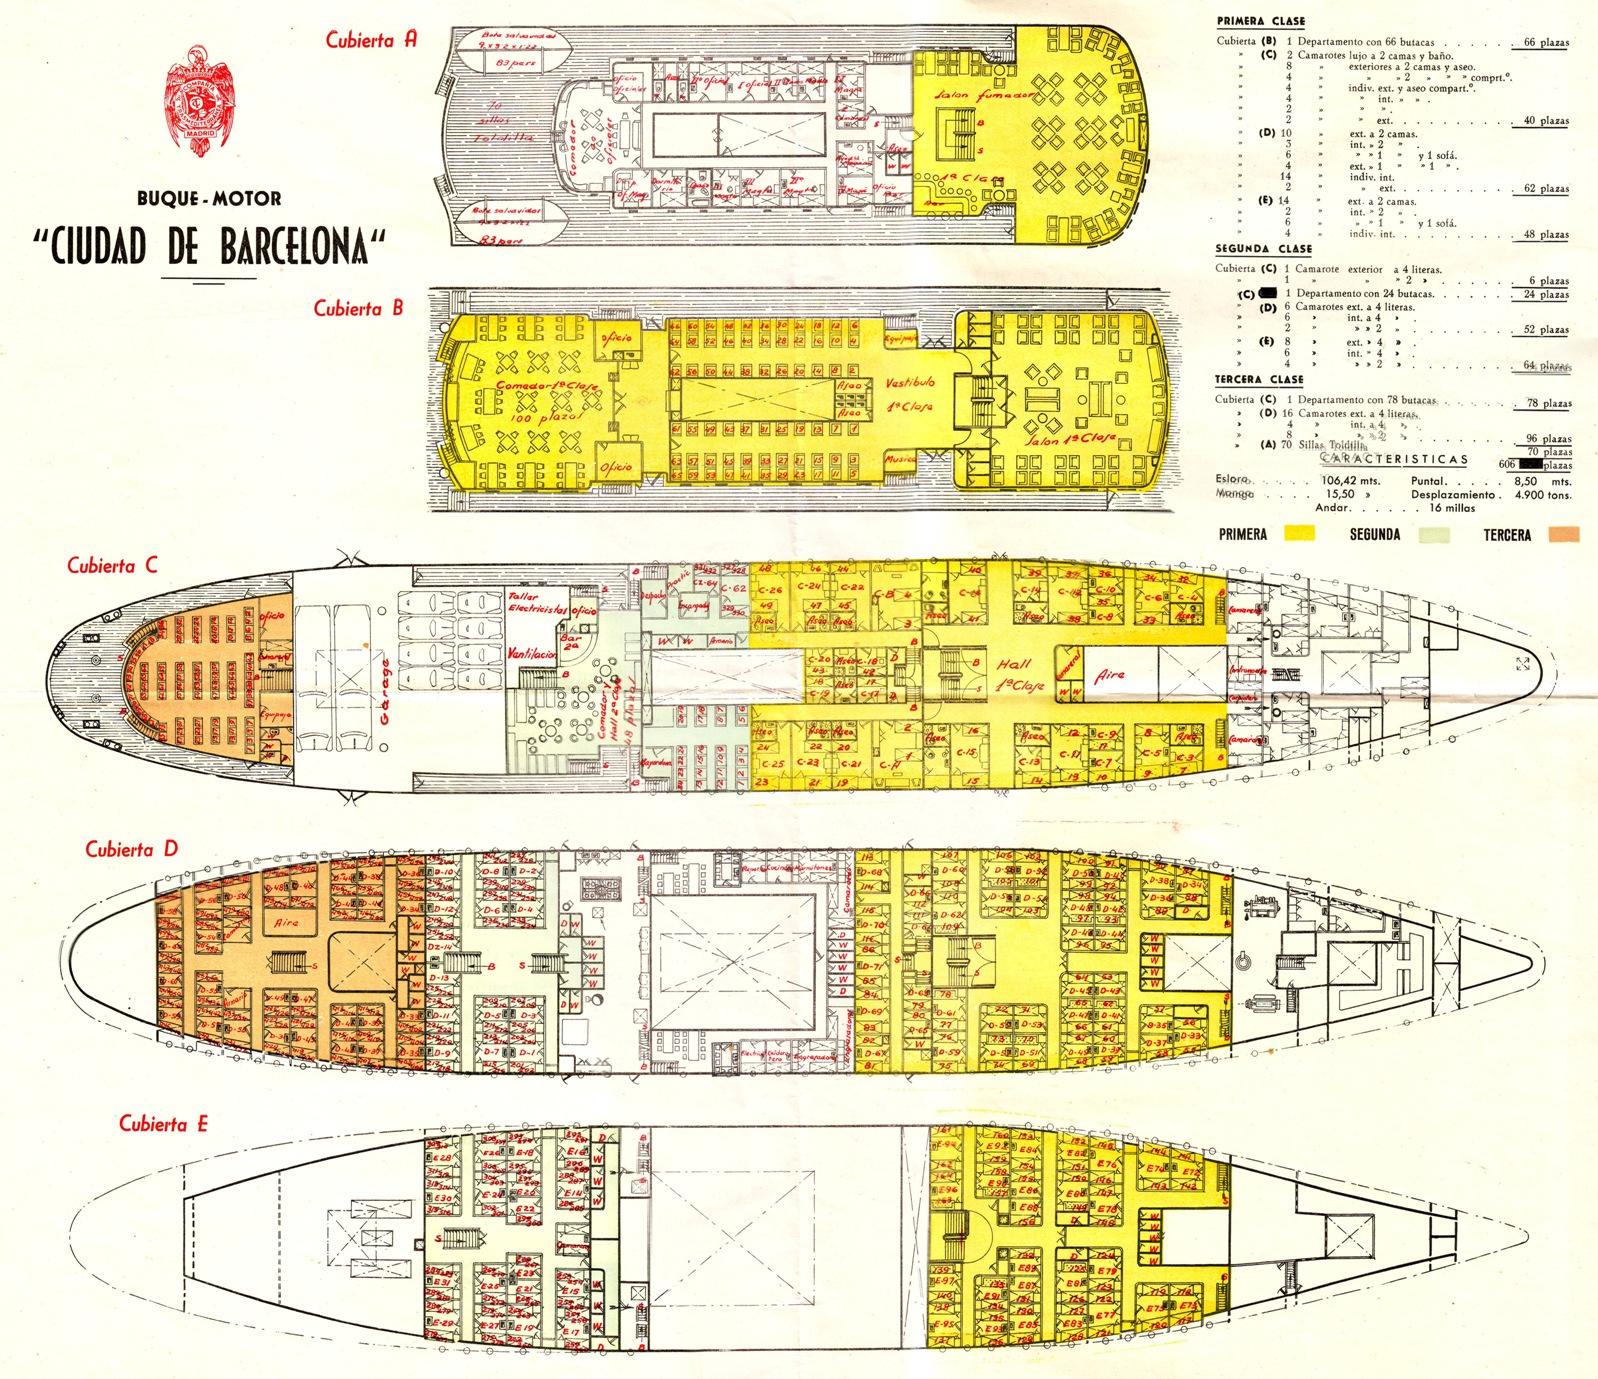 """Pauta de acomodación del buque """"Ciudad de Barcelona"""" (2º)"""